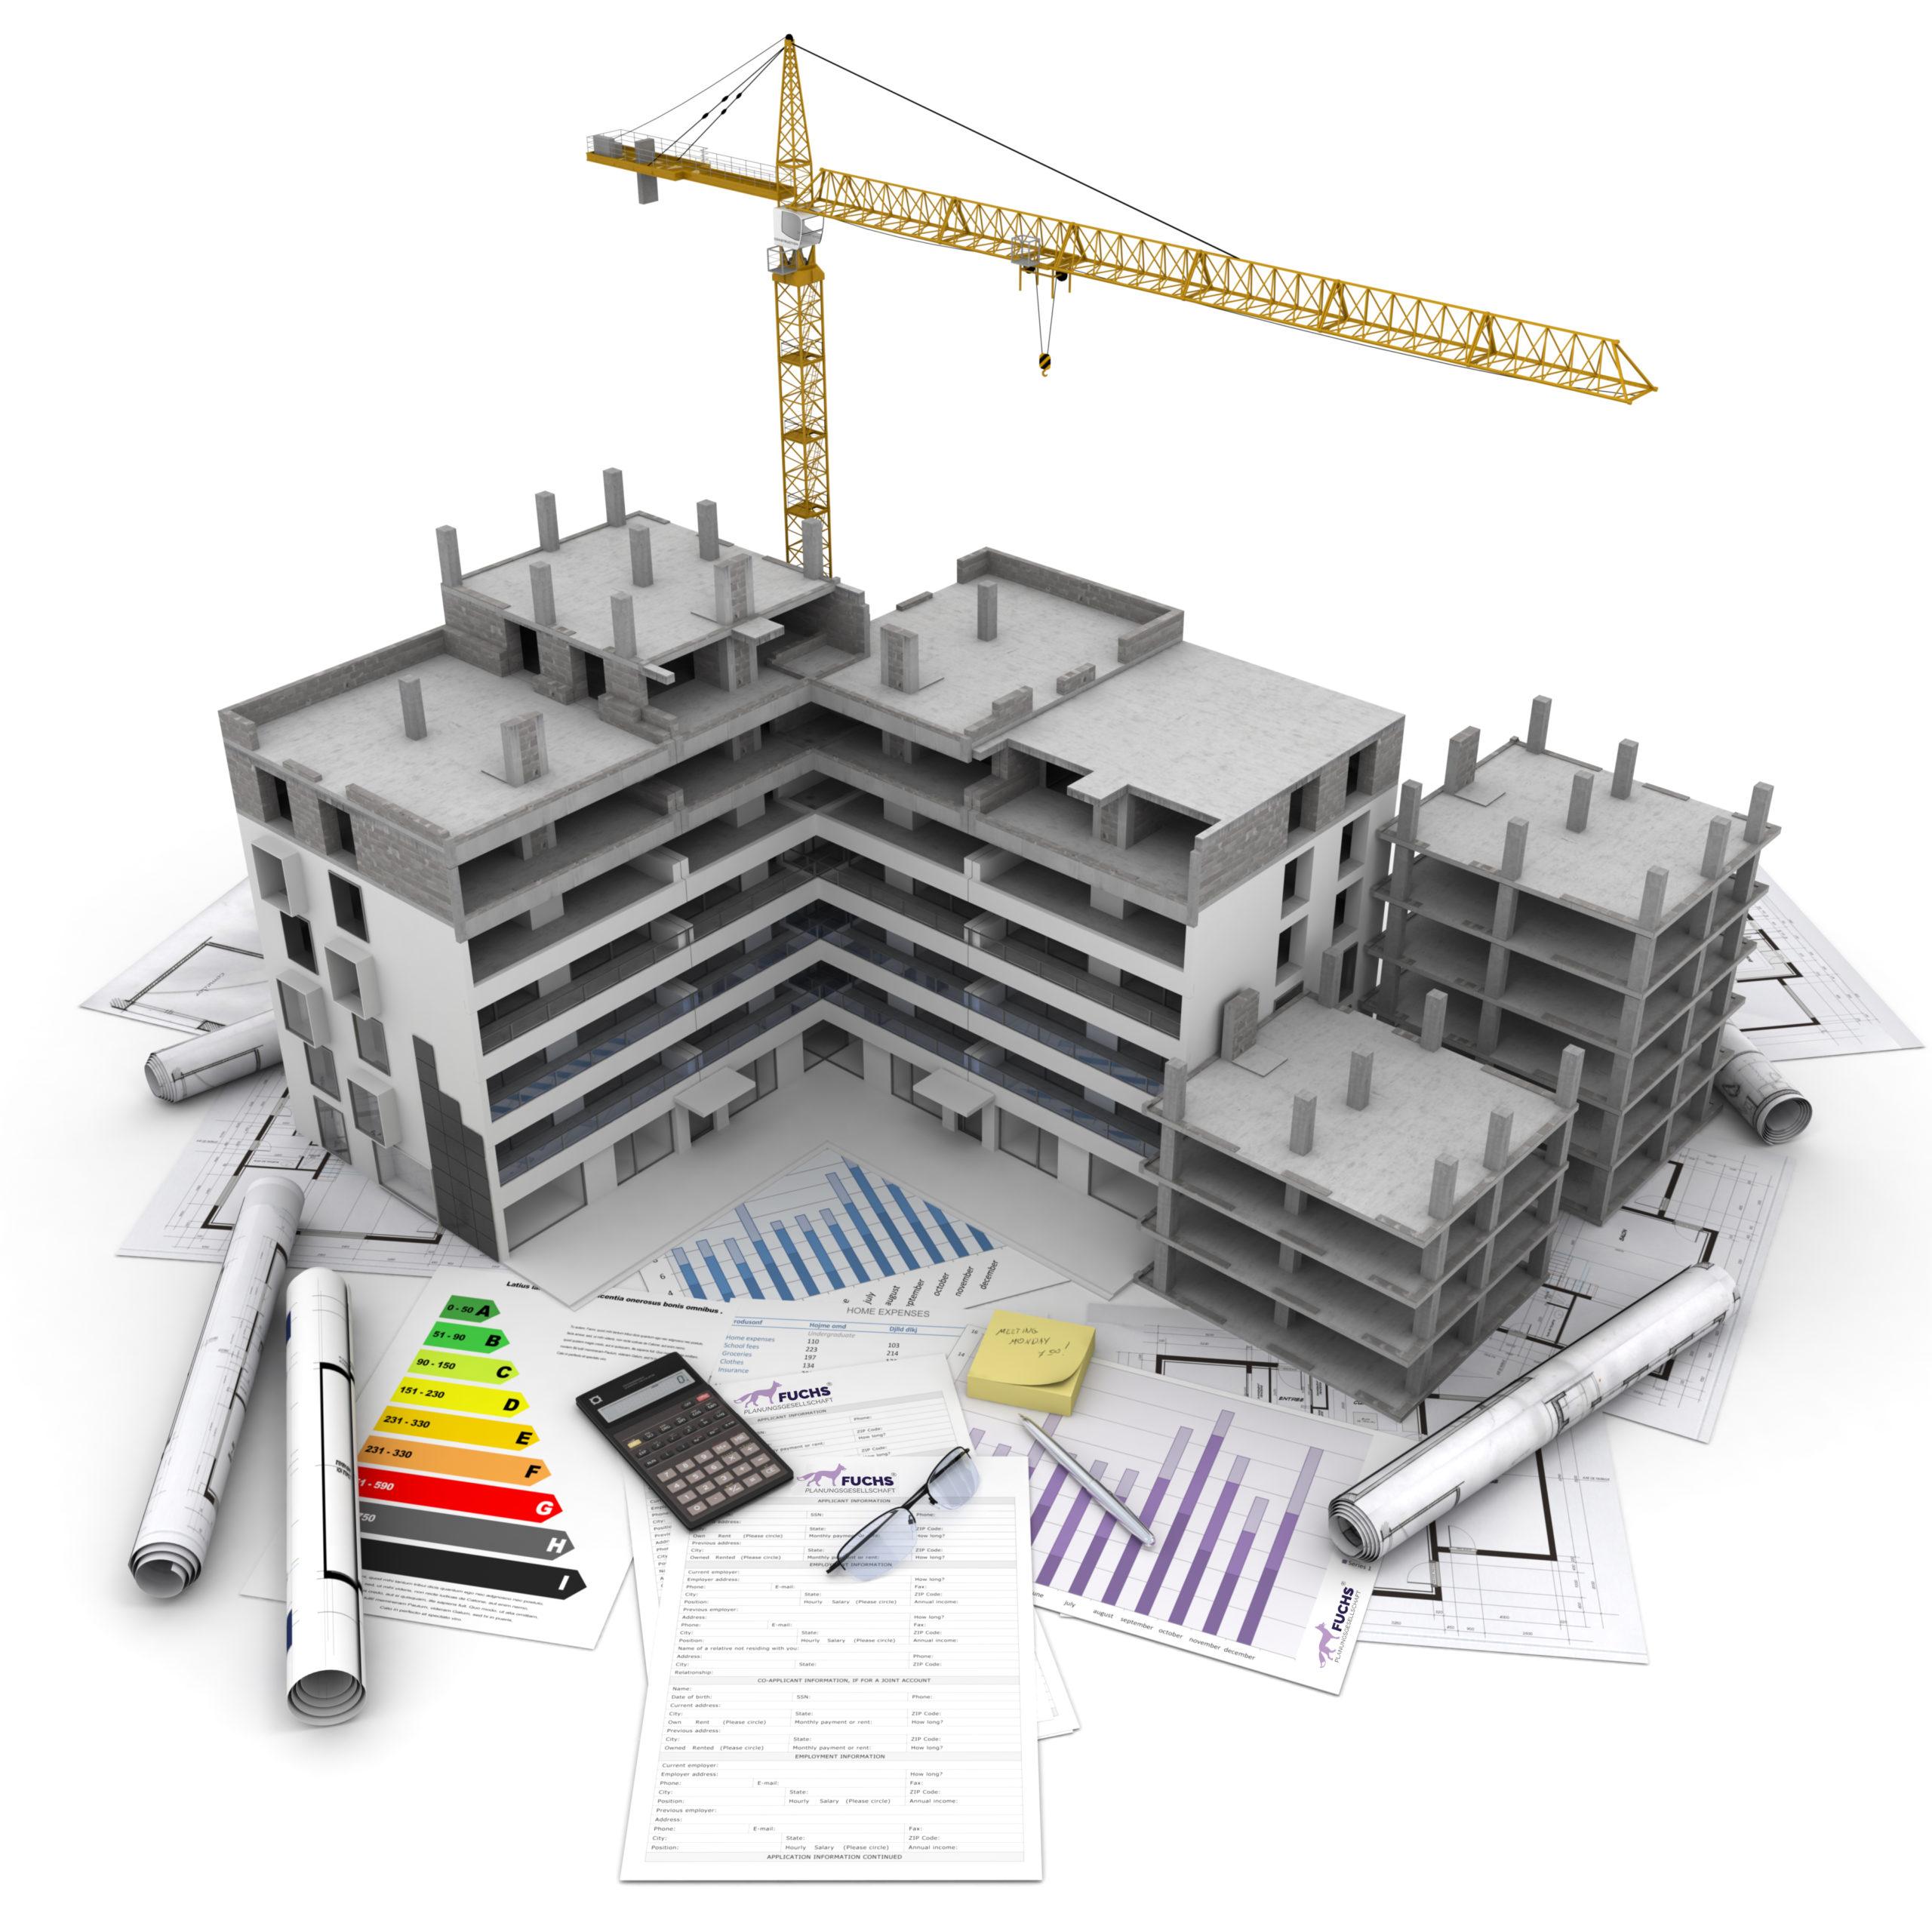 Ansicht eines sich im Bau befindlichen Gebäudes und Unterlagen mit Berechnungen zur Bauphysik